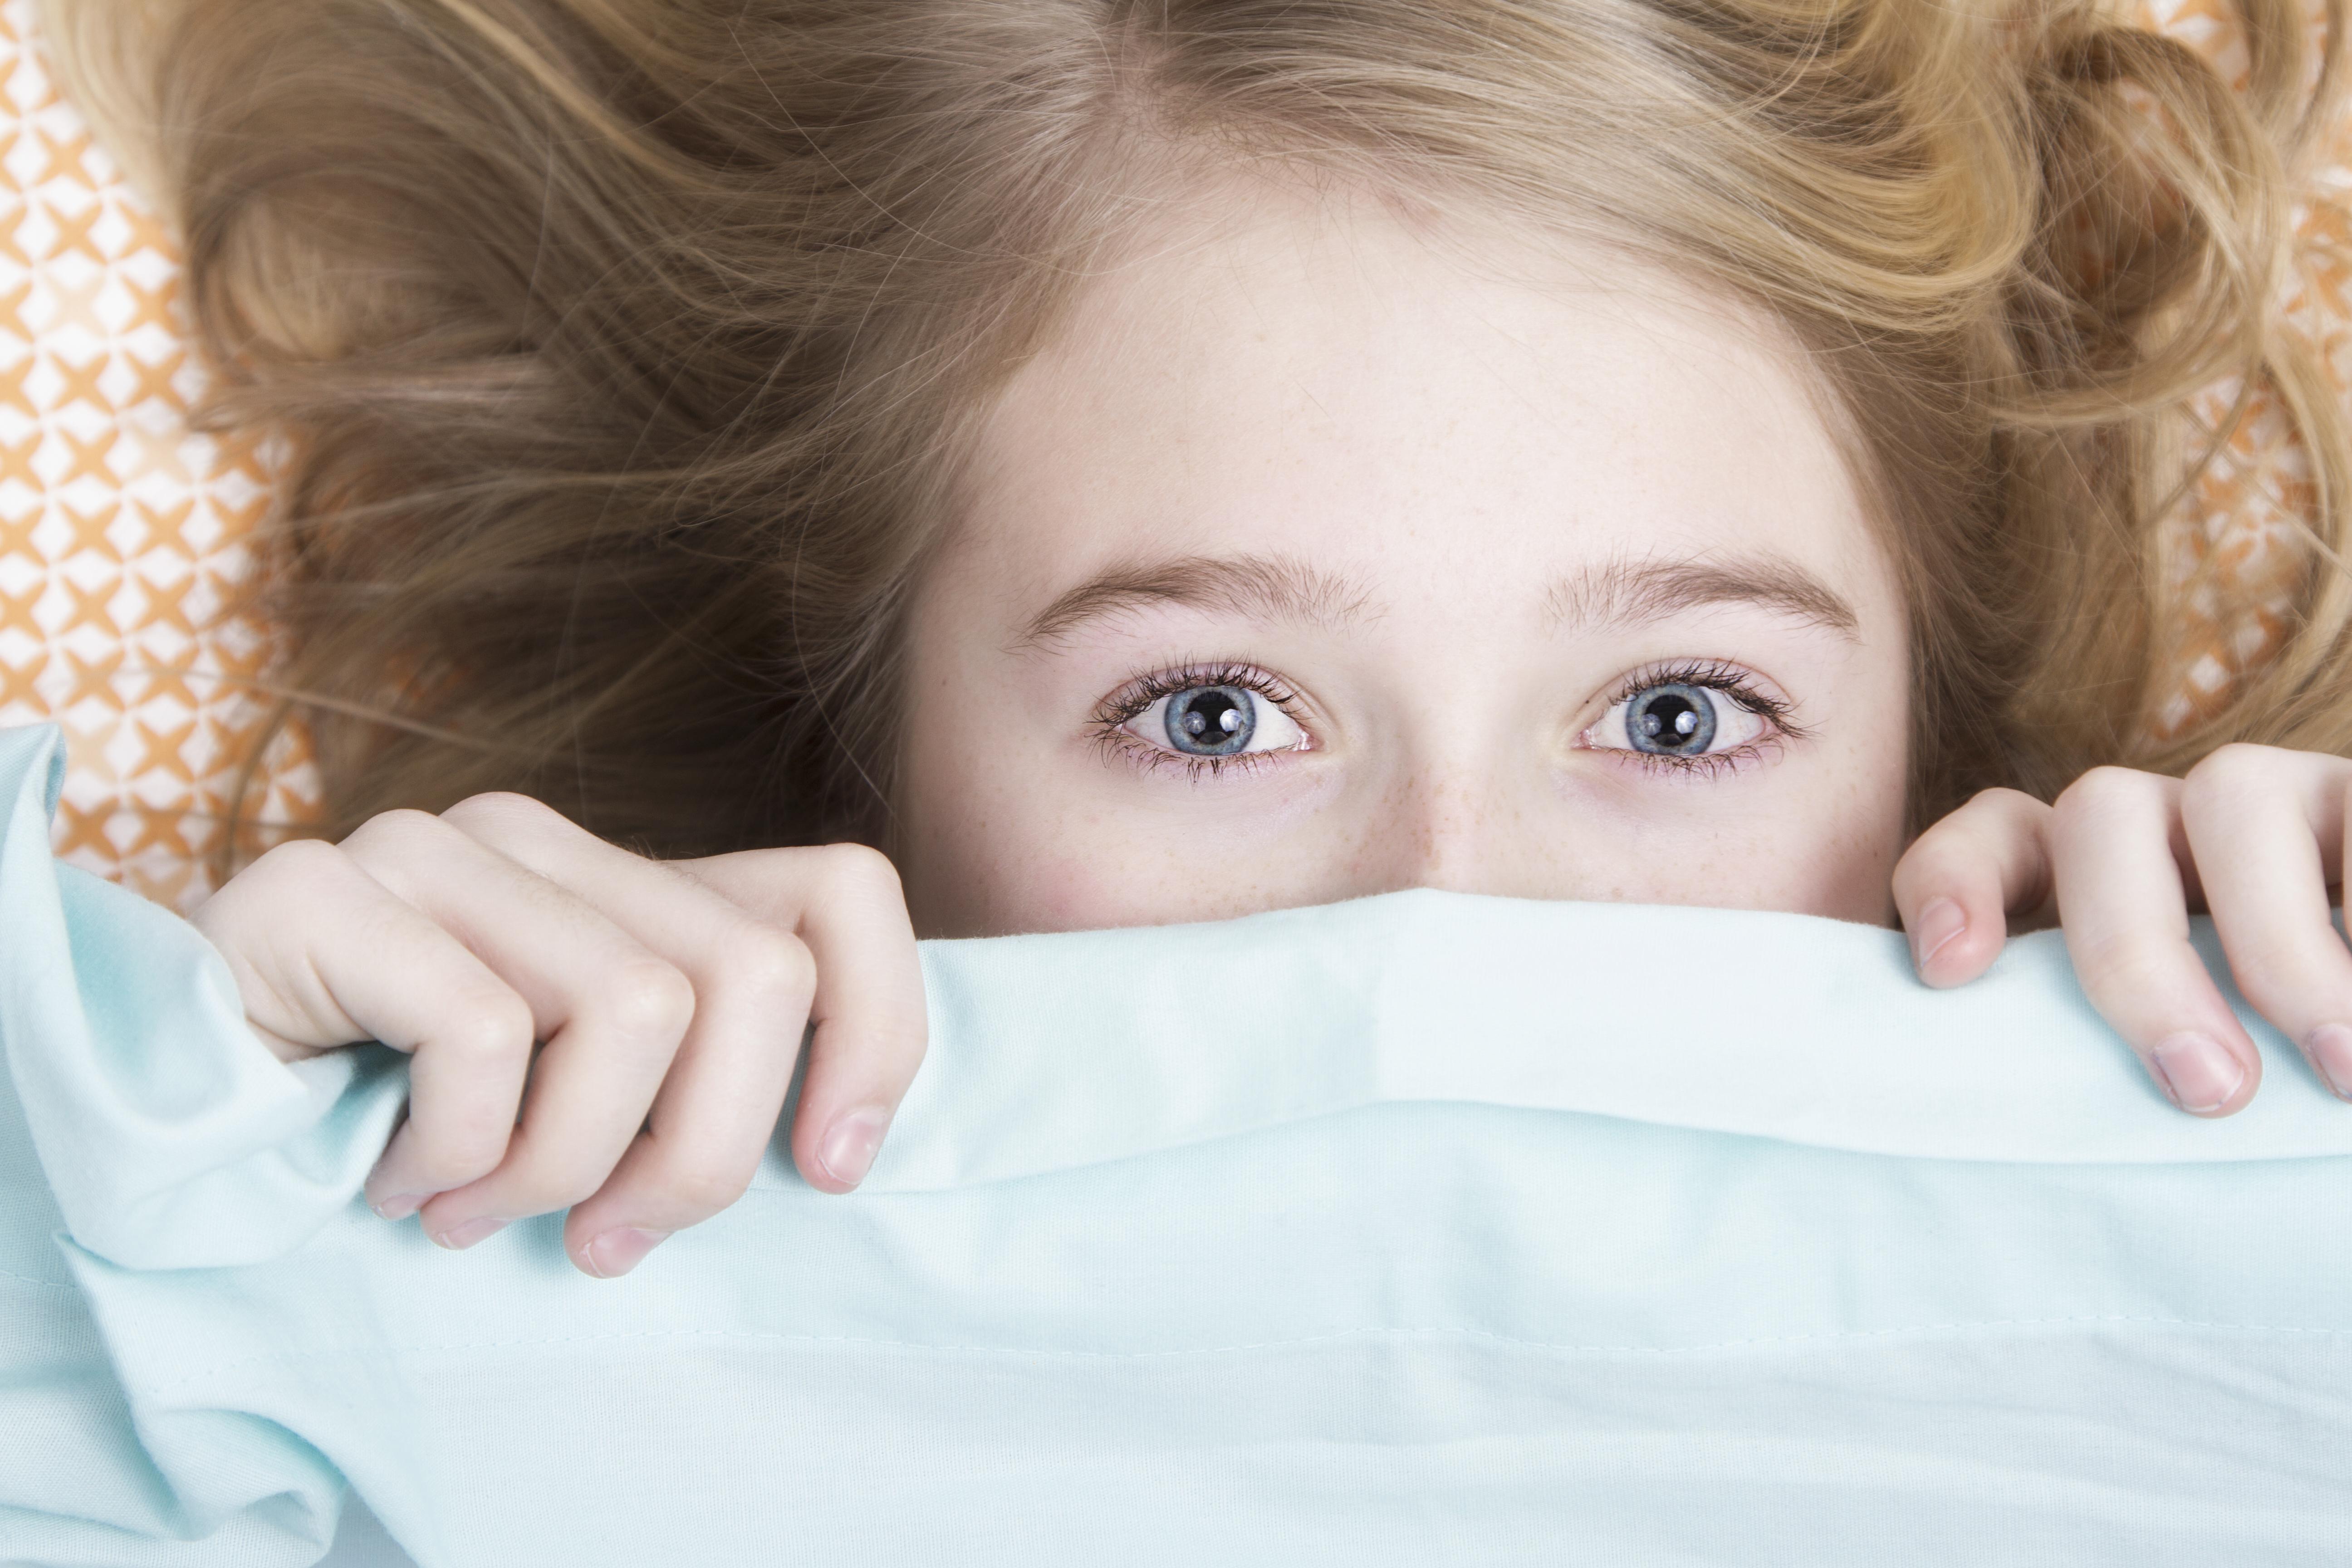 清醒夢聽上去像是電影《盜夢空間》的情節,不過有心理學家建議試著主導夢境。(Jenn Huls/shutterstock)